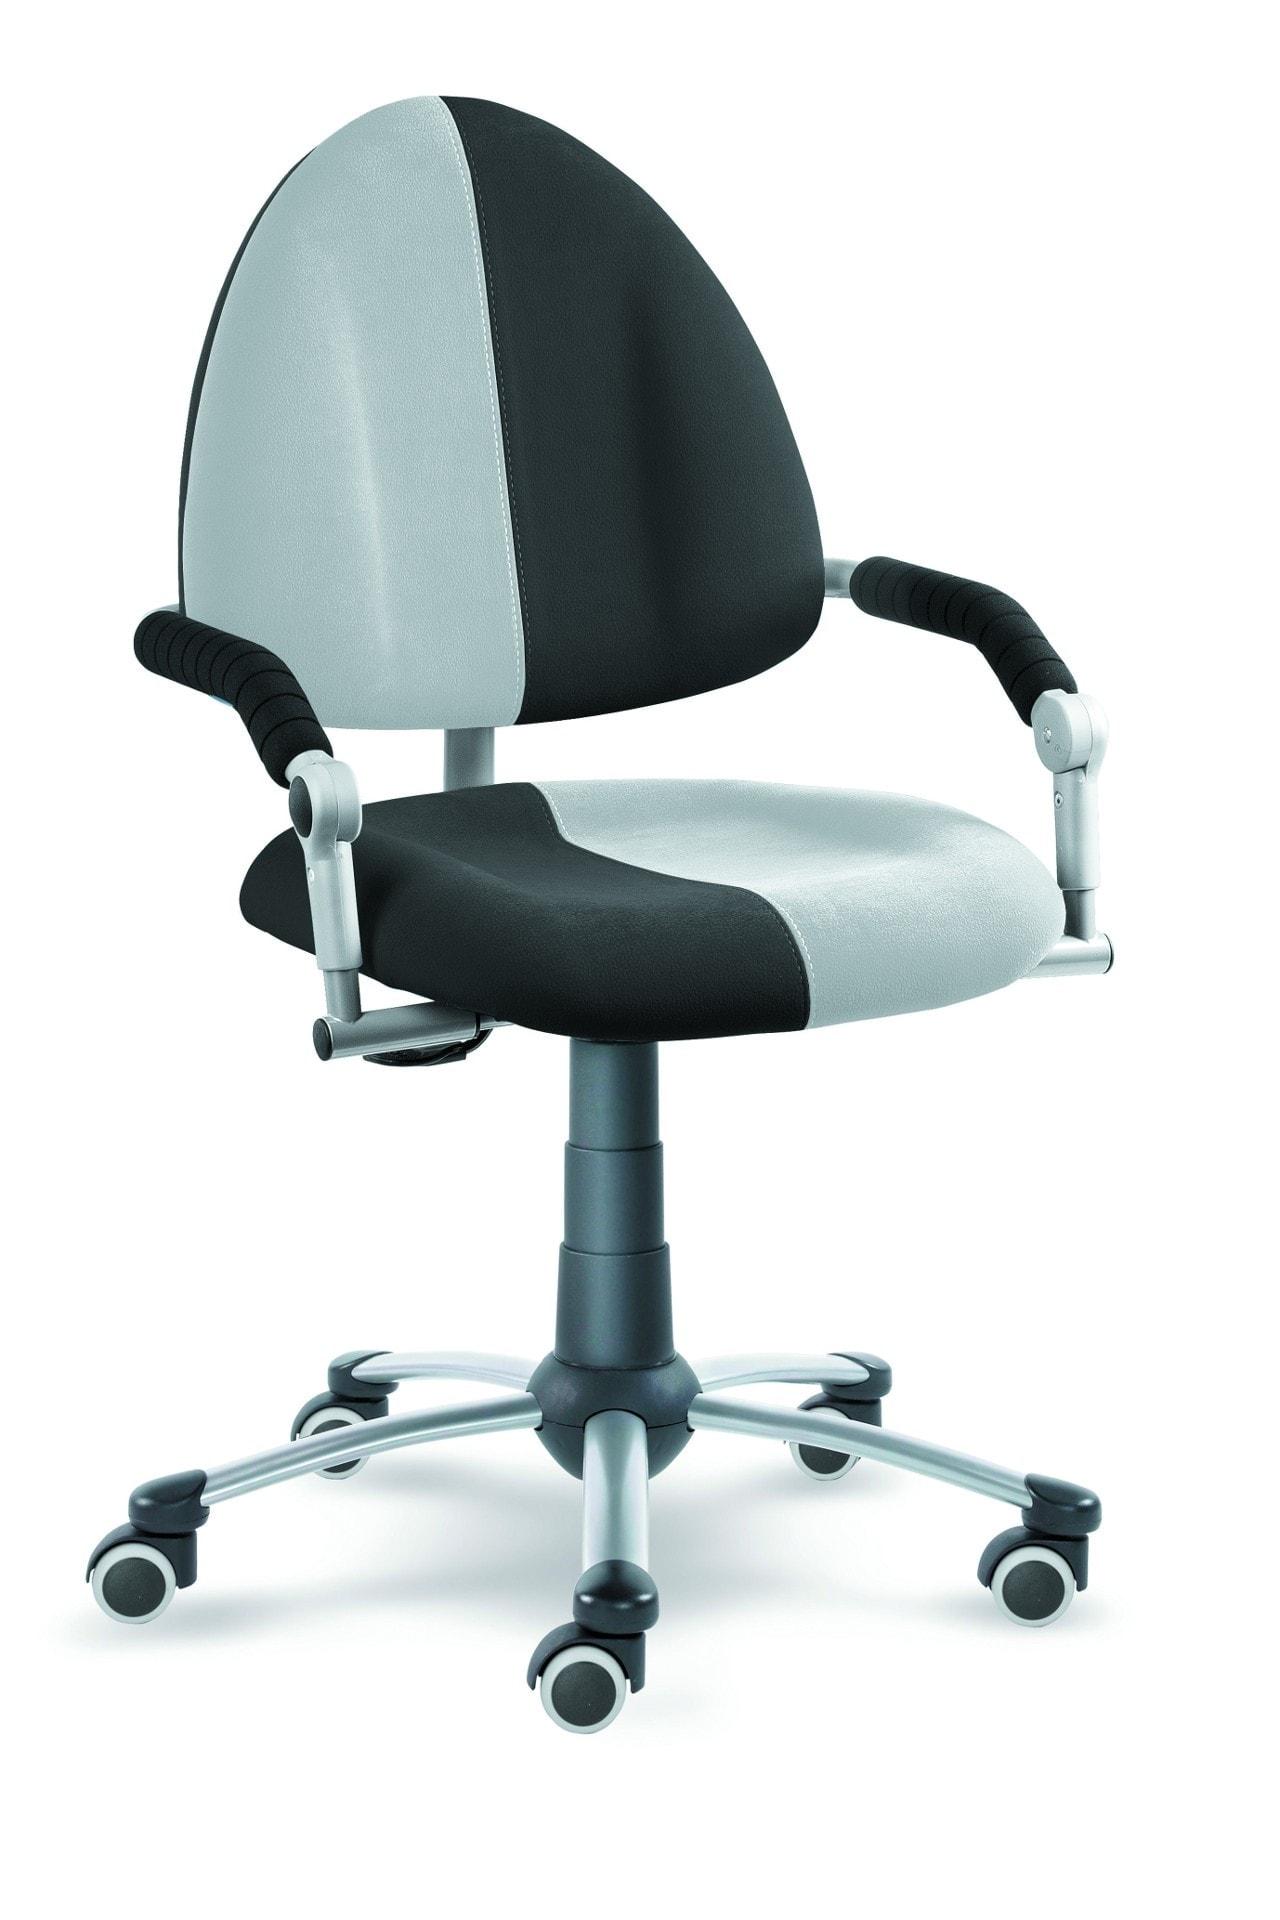 Mayer rostoucí židle Freaky 2436 08 464